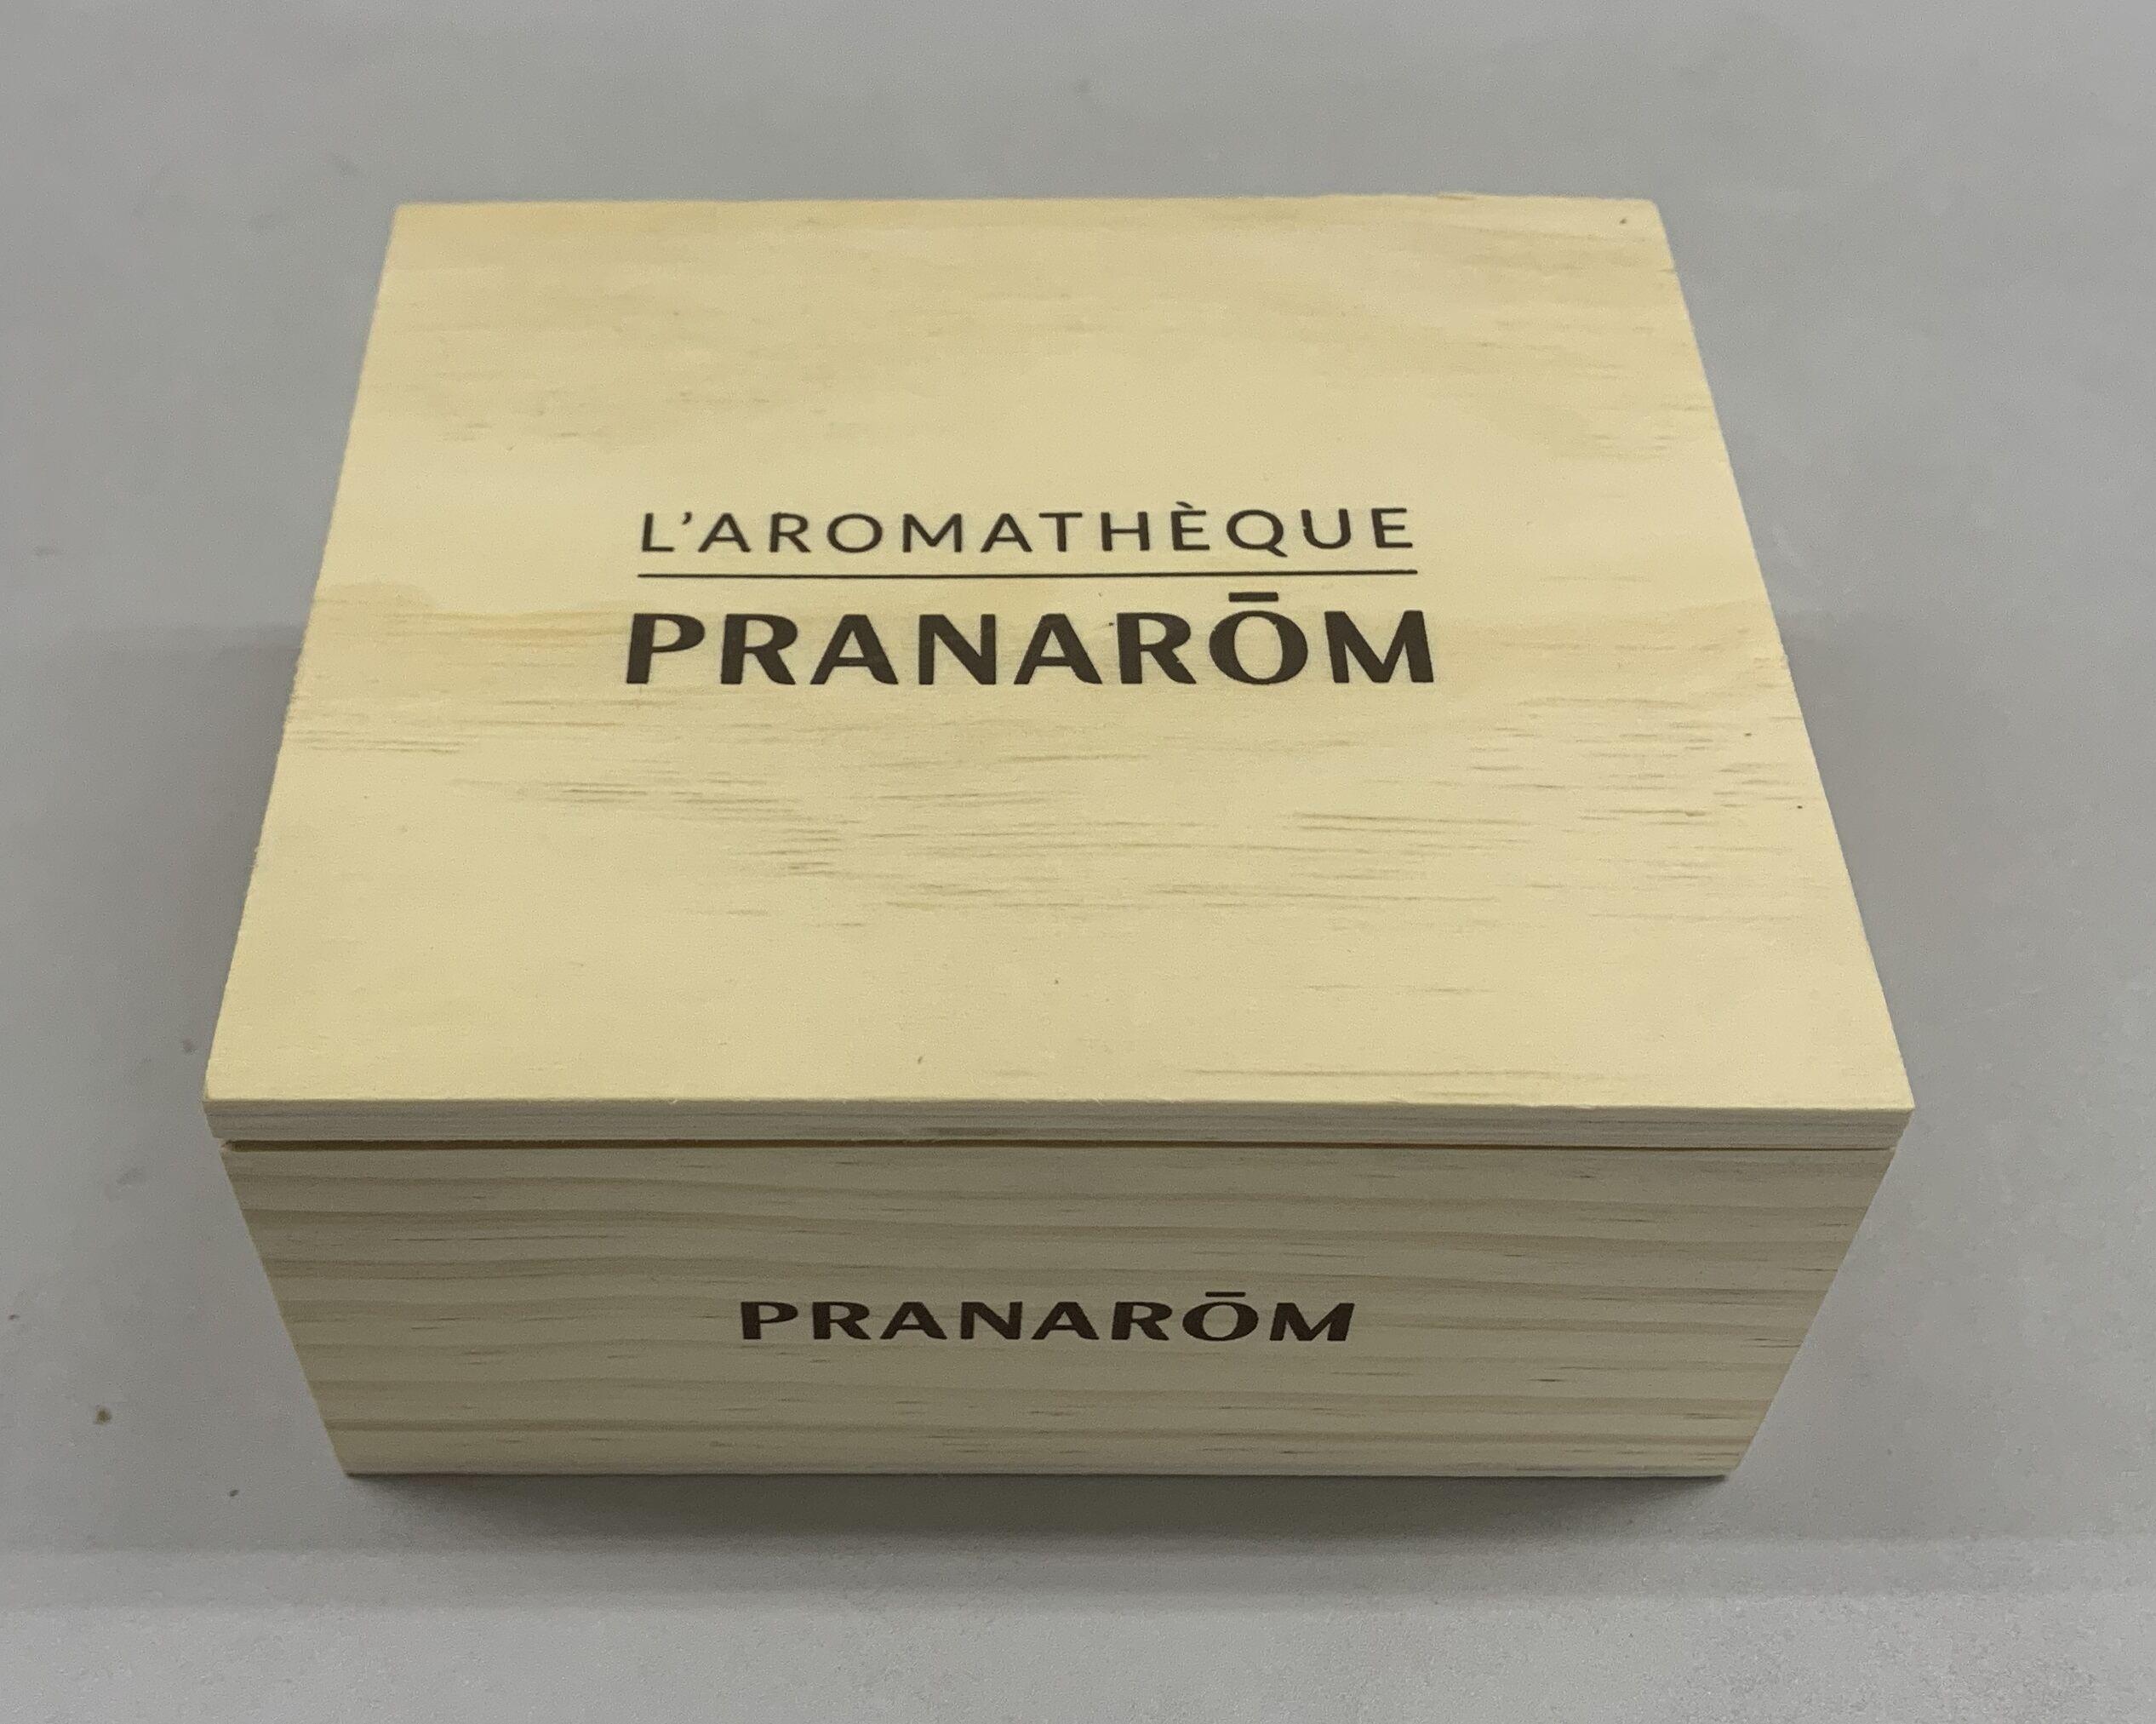 https://www.pranarom.co.jp/wp/wp-content/uploads/2021/06/18458f31a144bade23af5e0a0e7291f2.jpg